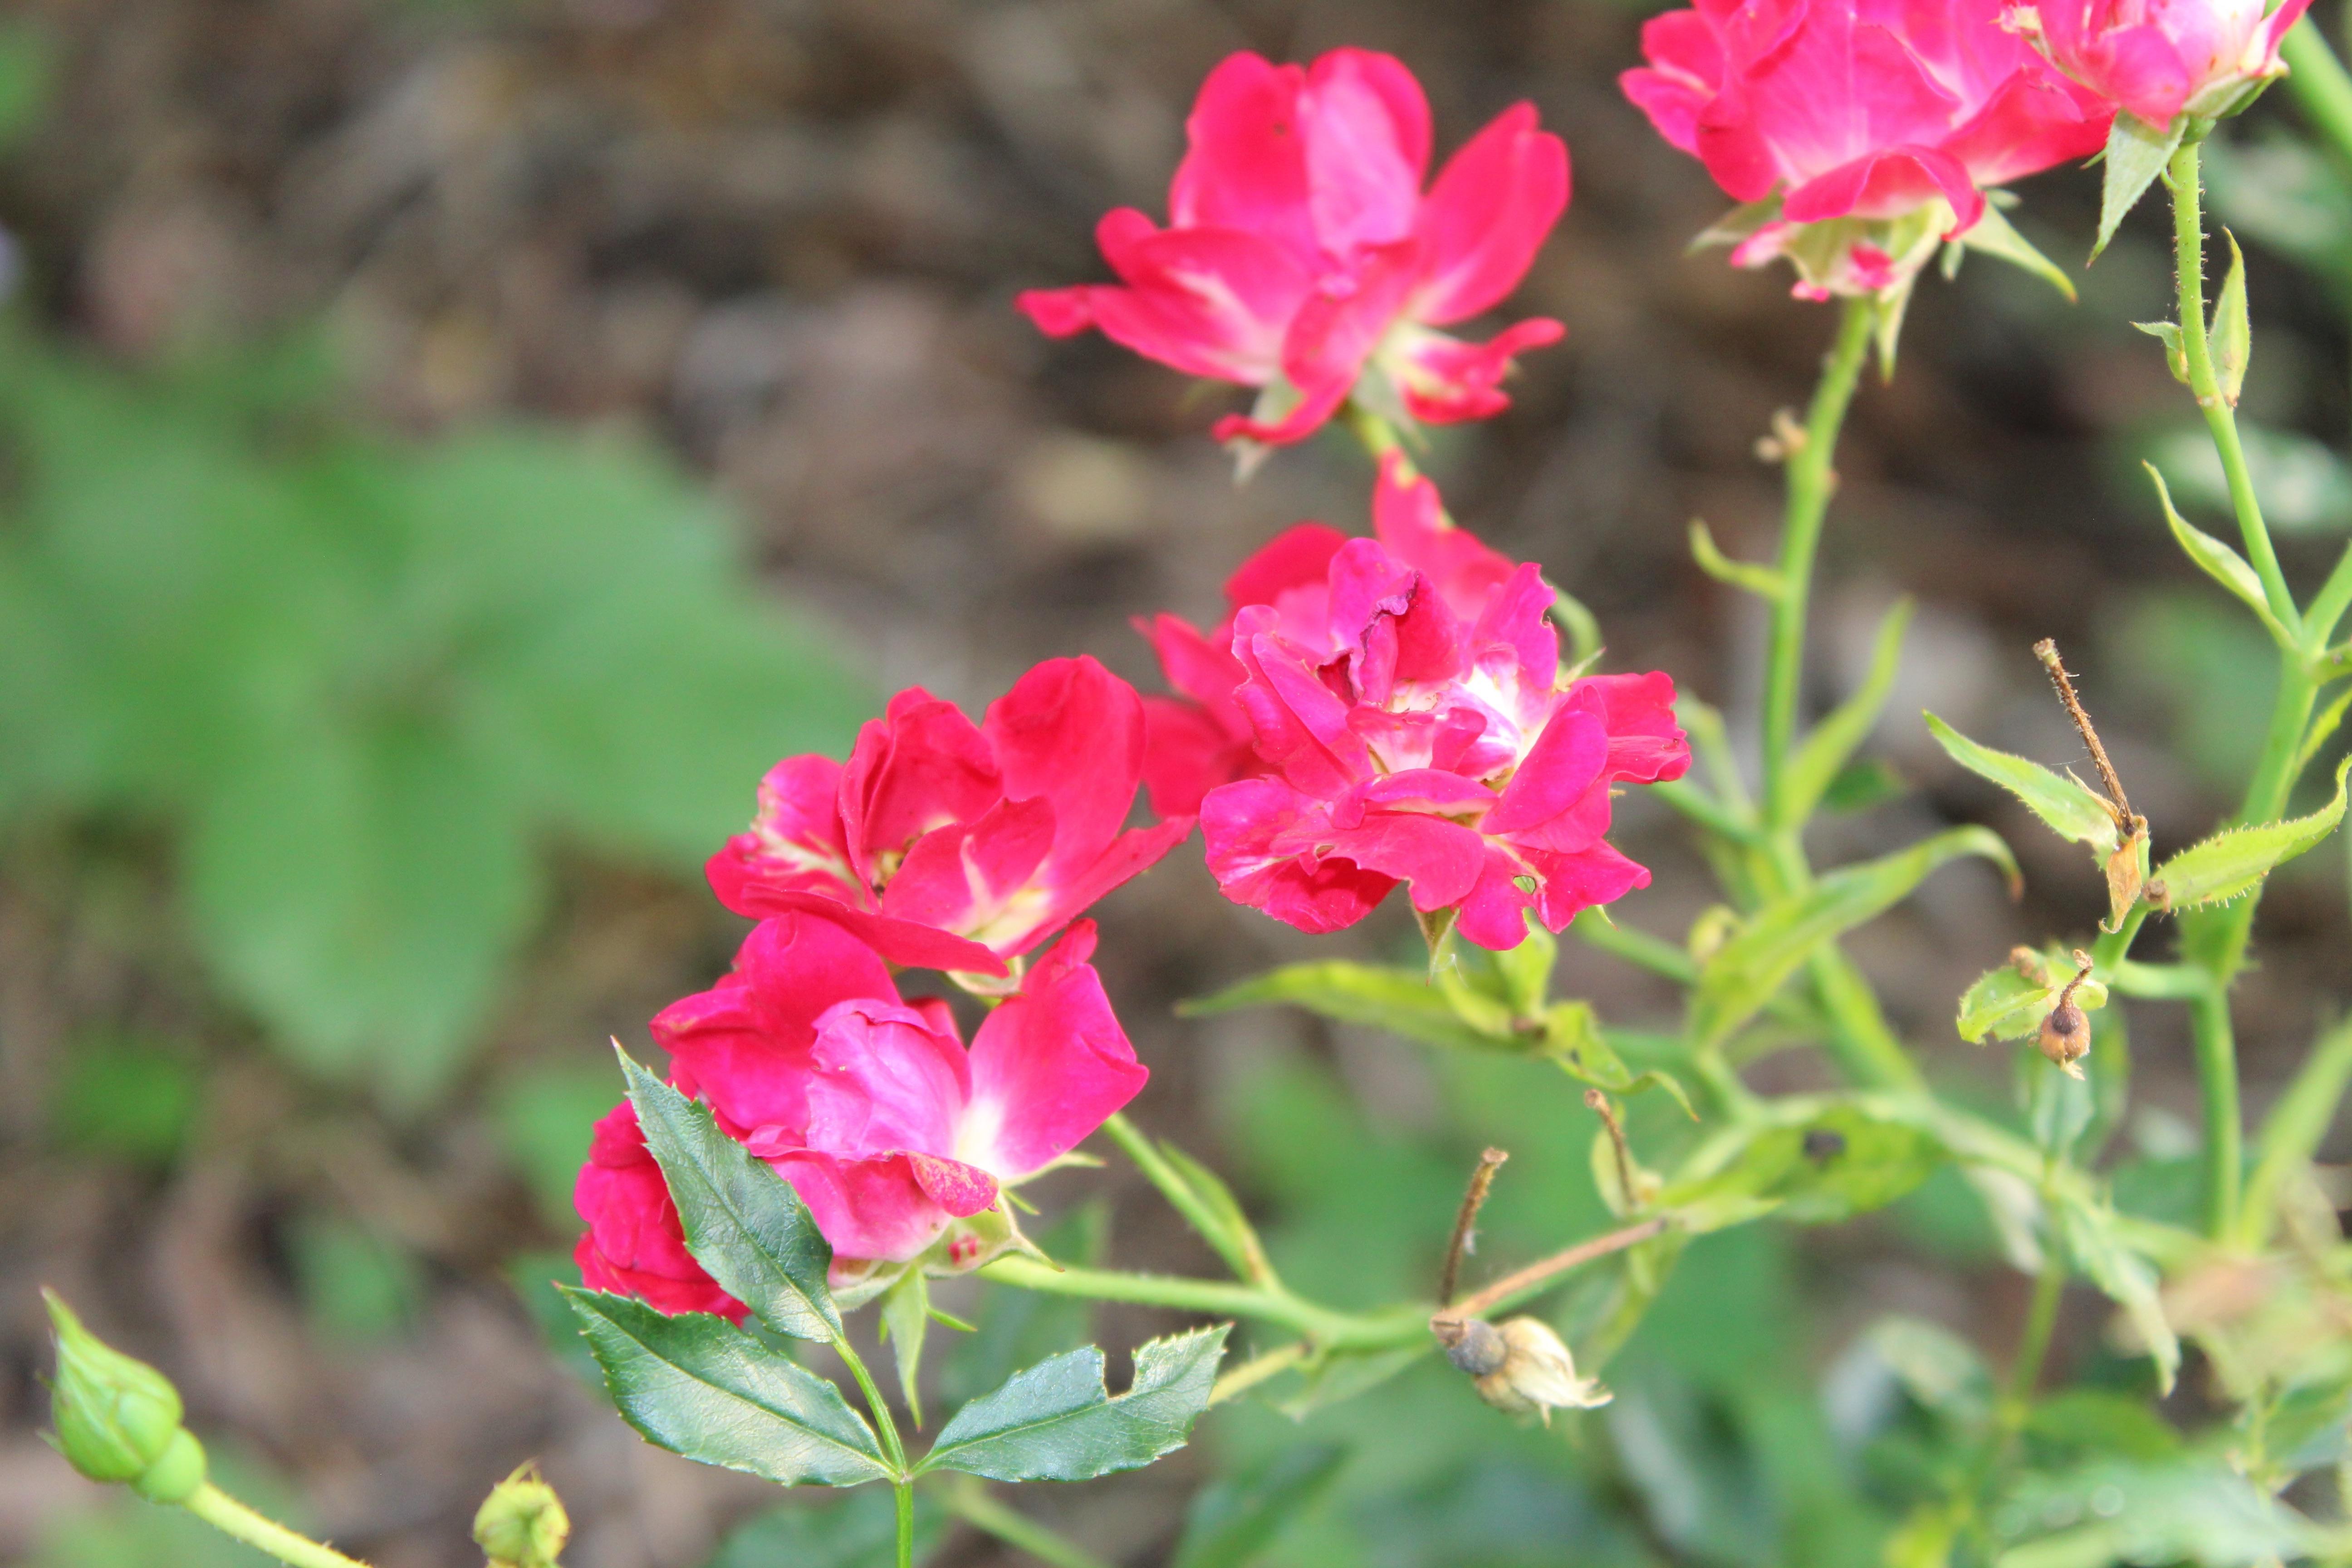 ドリフト薔薇の愛らしい花が咲いてきました。